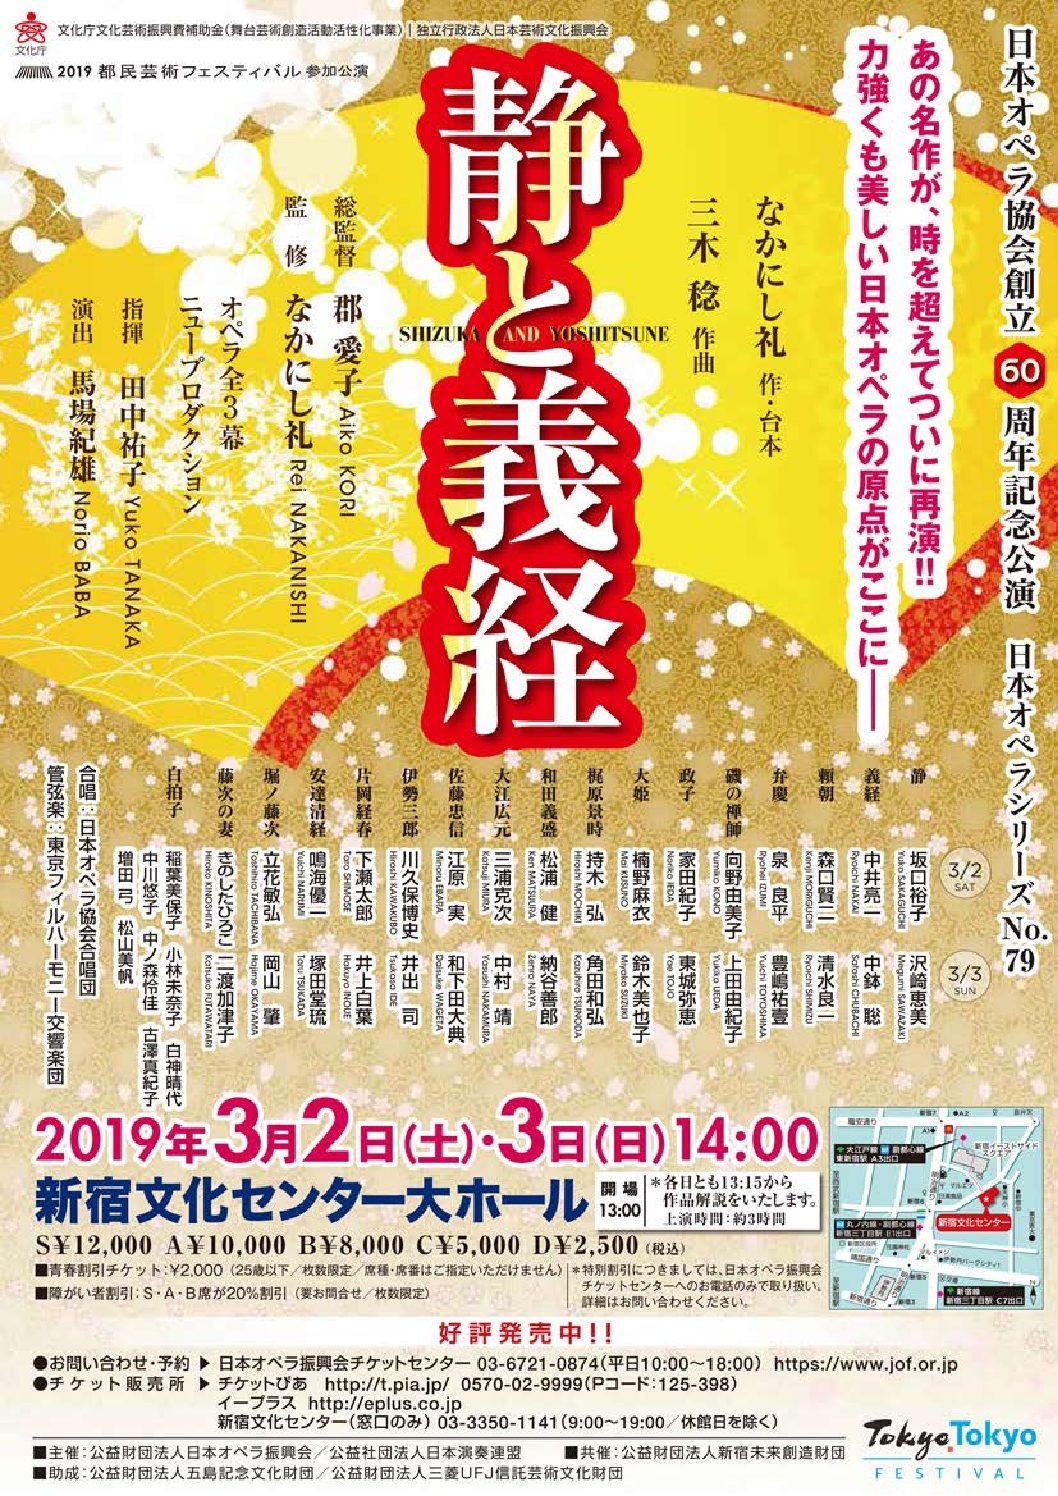 日本オペラ協会創立60周年記念公演 「静と義経」新制作